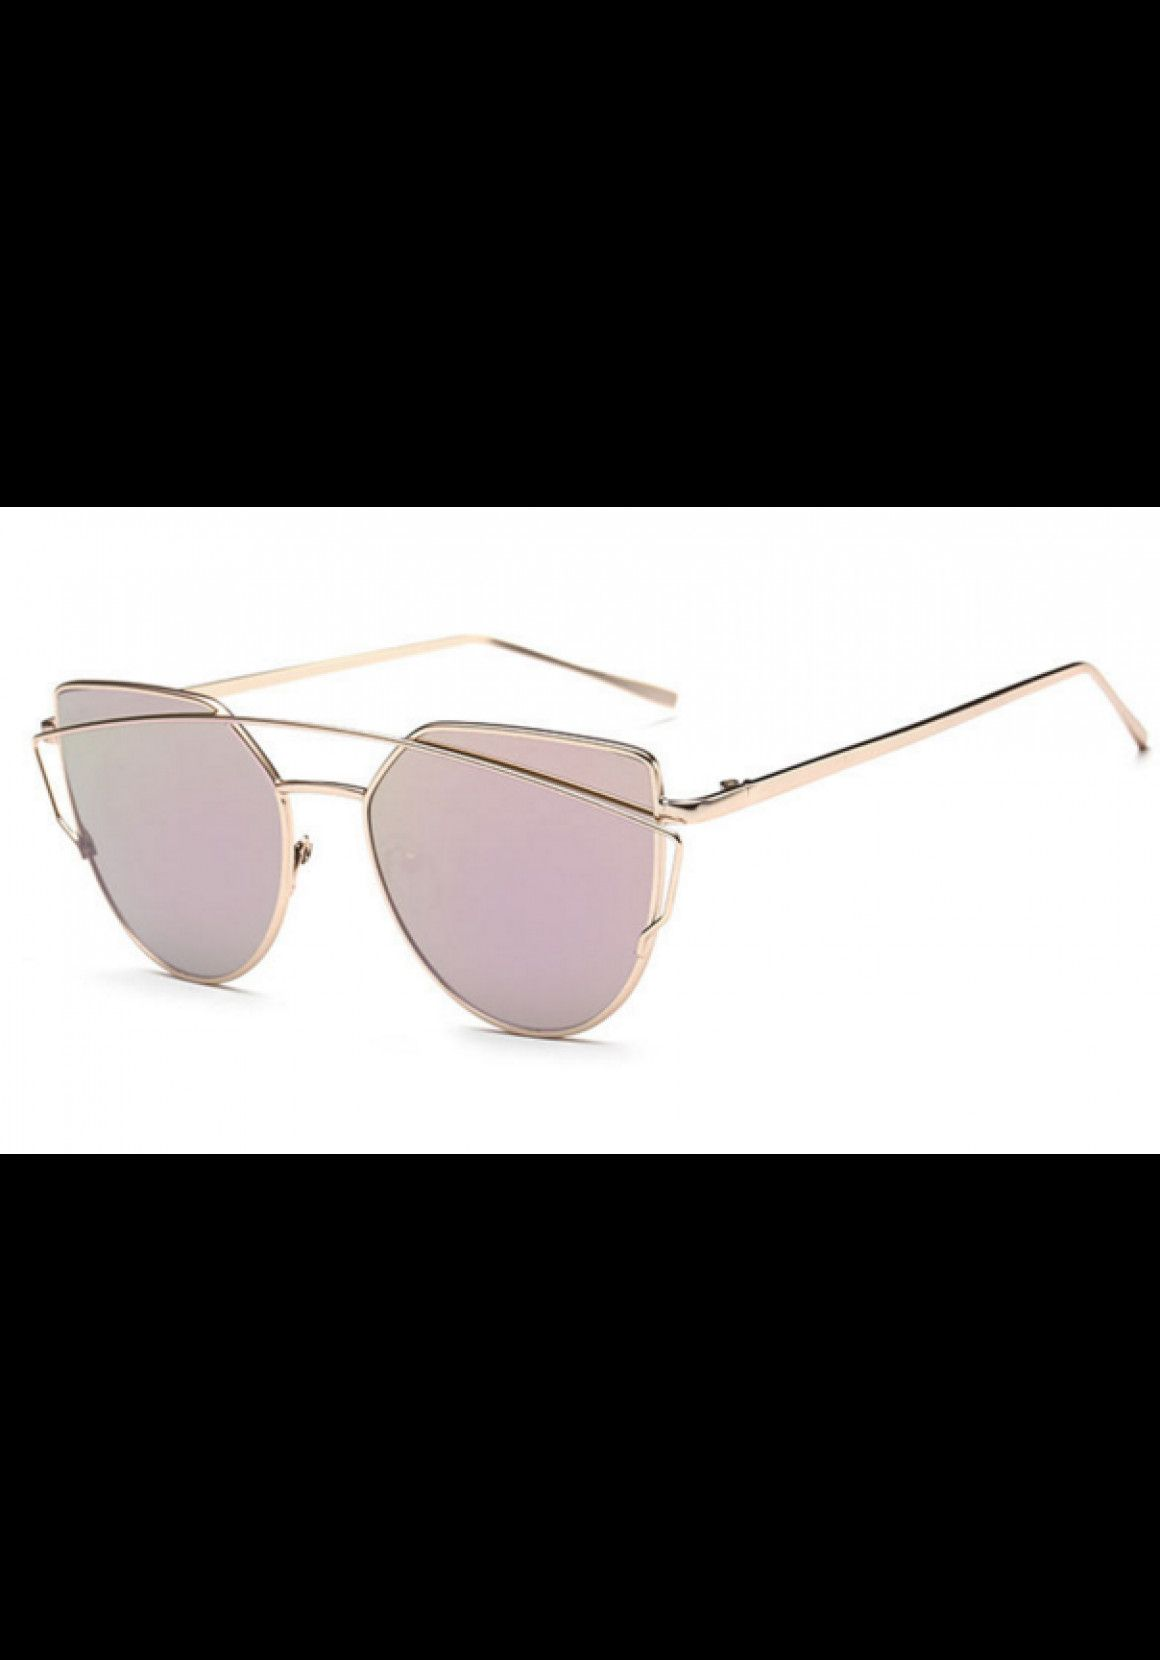 73c4025c0 16 Fresh Vintage Sunglasses for Men Smart Ideas - | Awesome Sunglasses  Ideas in 2019 | Sunglasses, Round sunglasses, Glasses frames